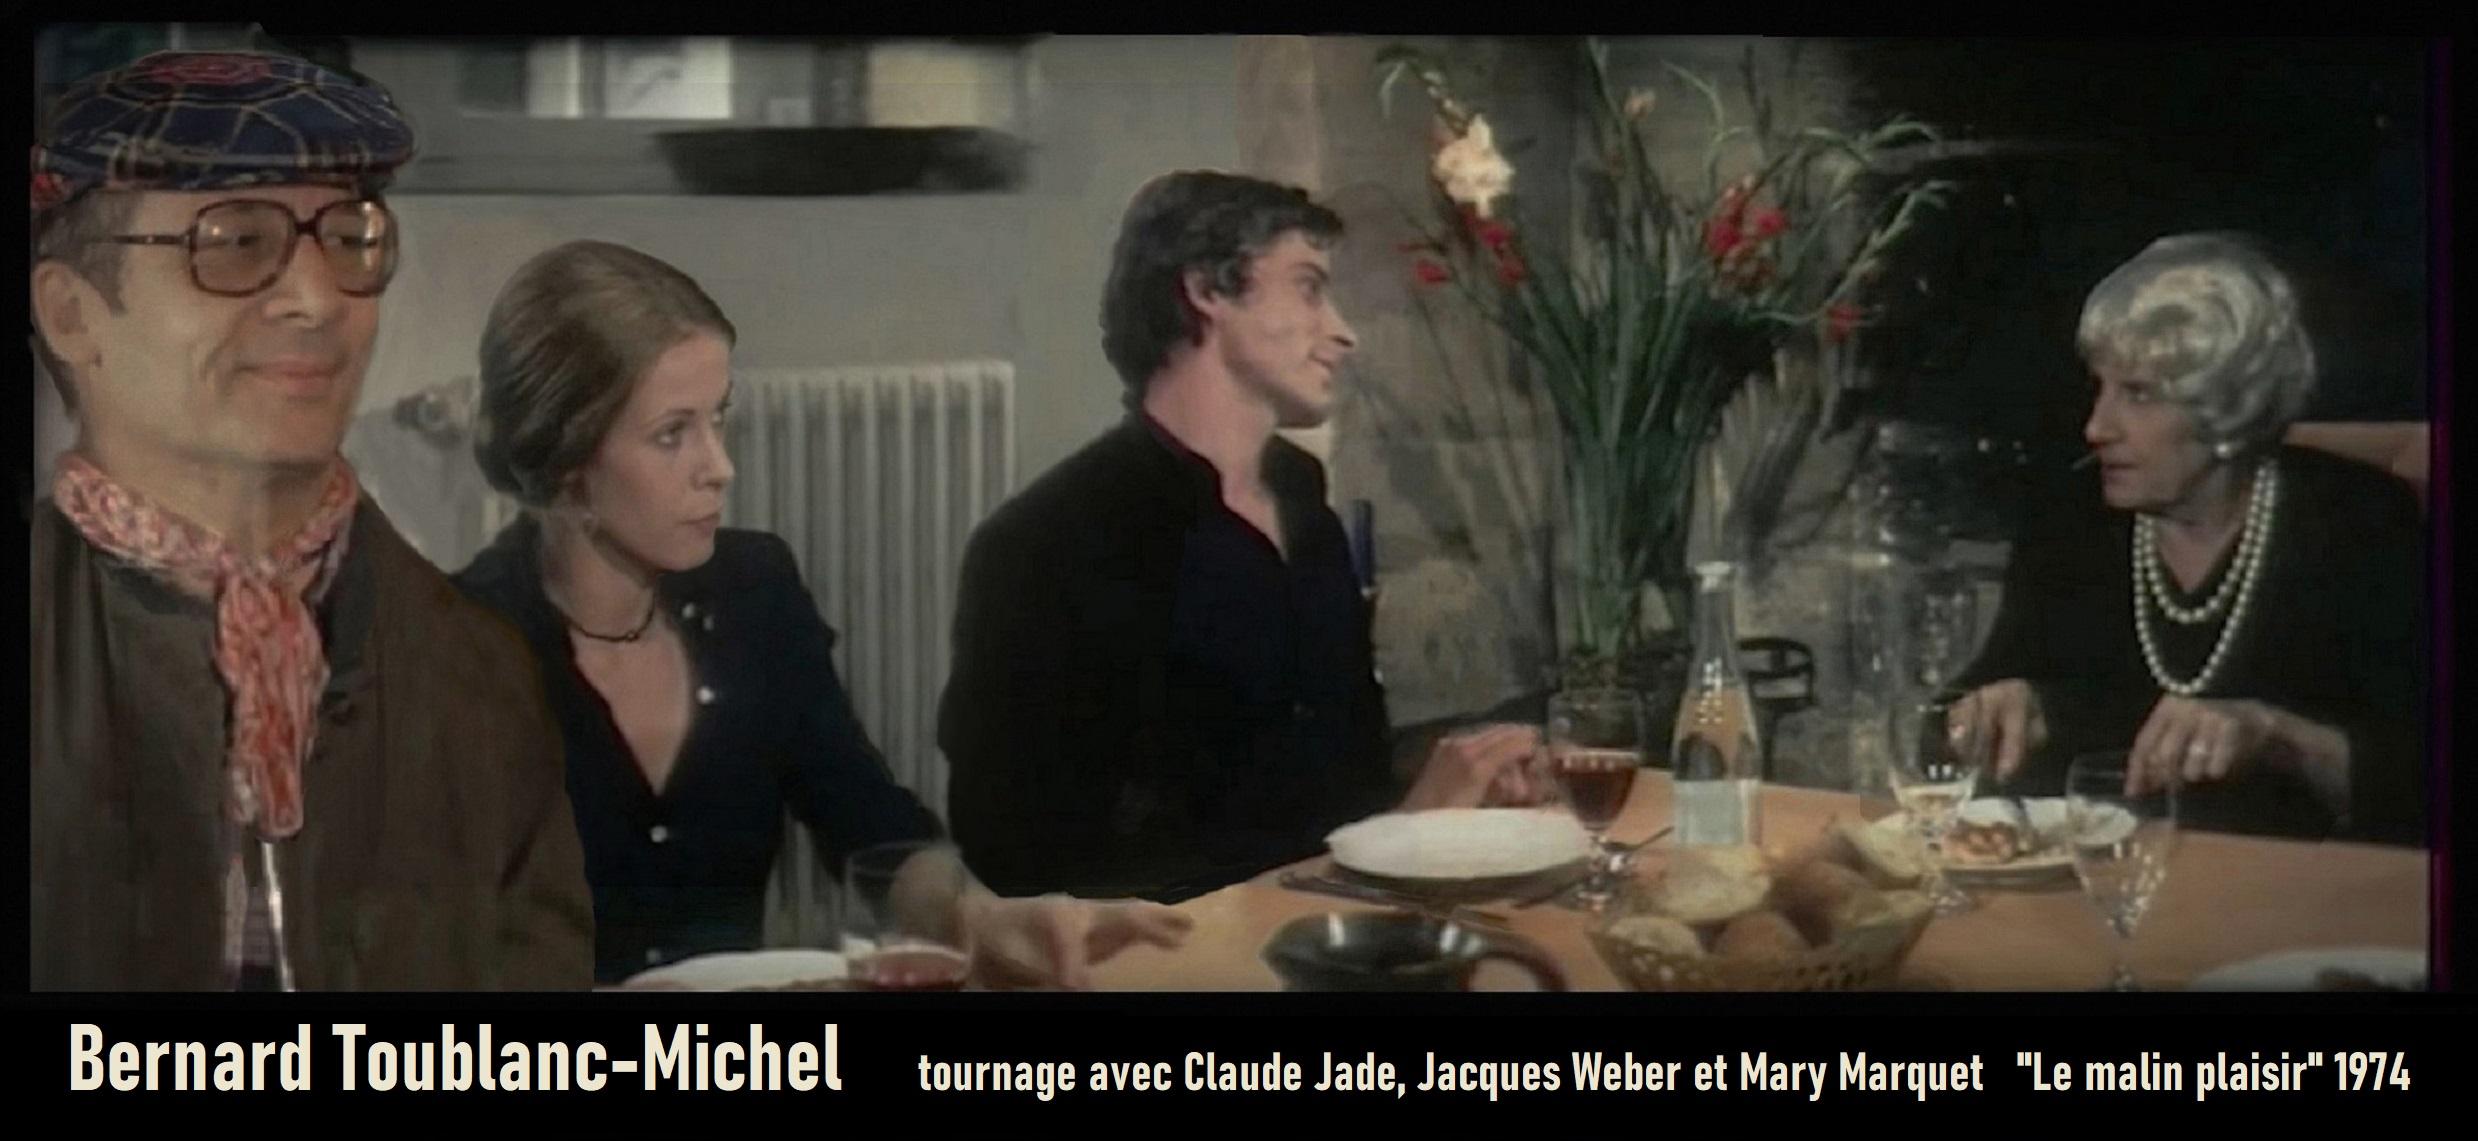 Bernard Toublanc Michel Bernard T. Michel Claude Jade Jacques Weber Mary Marquet Le malin plaisir